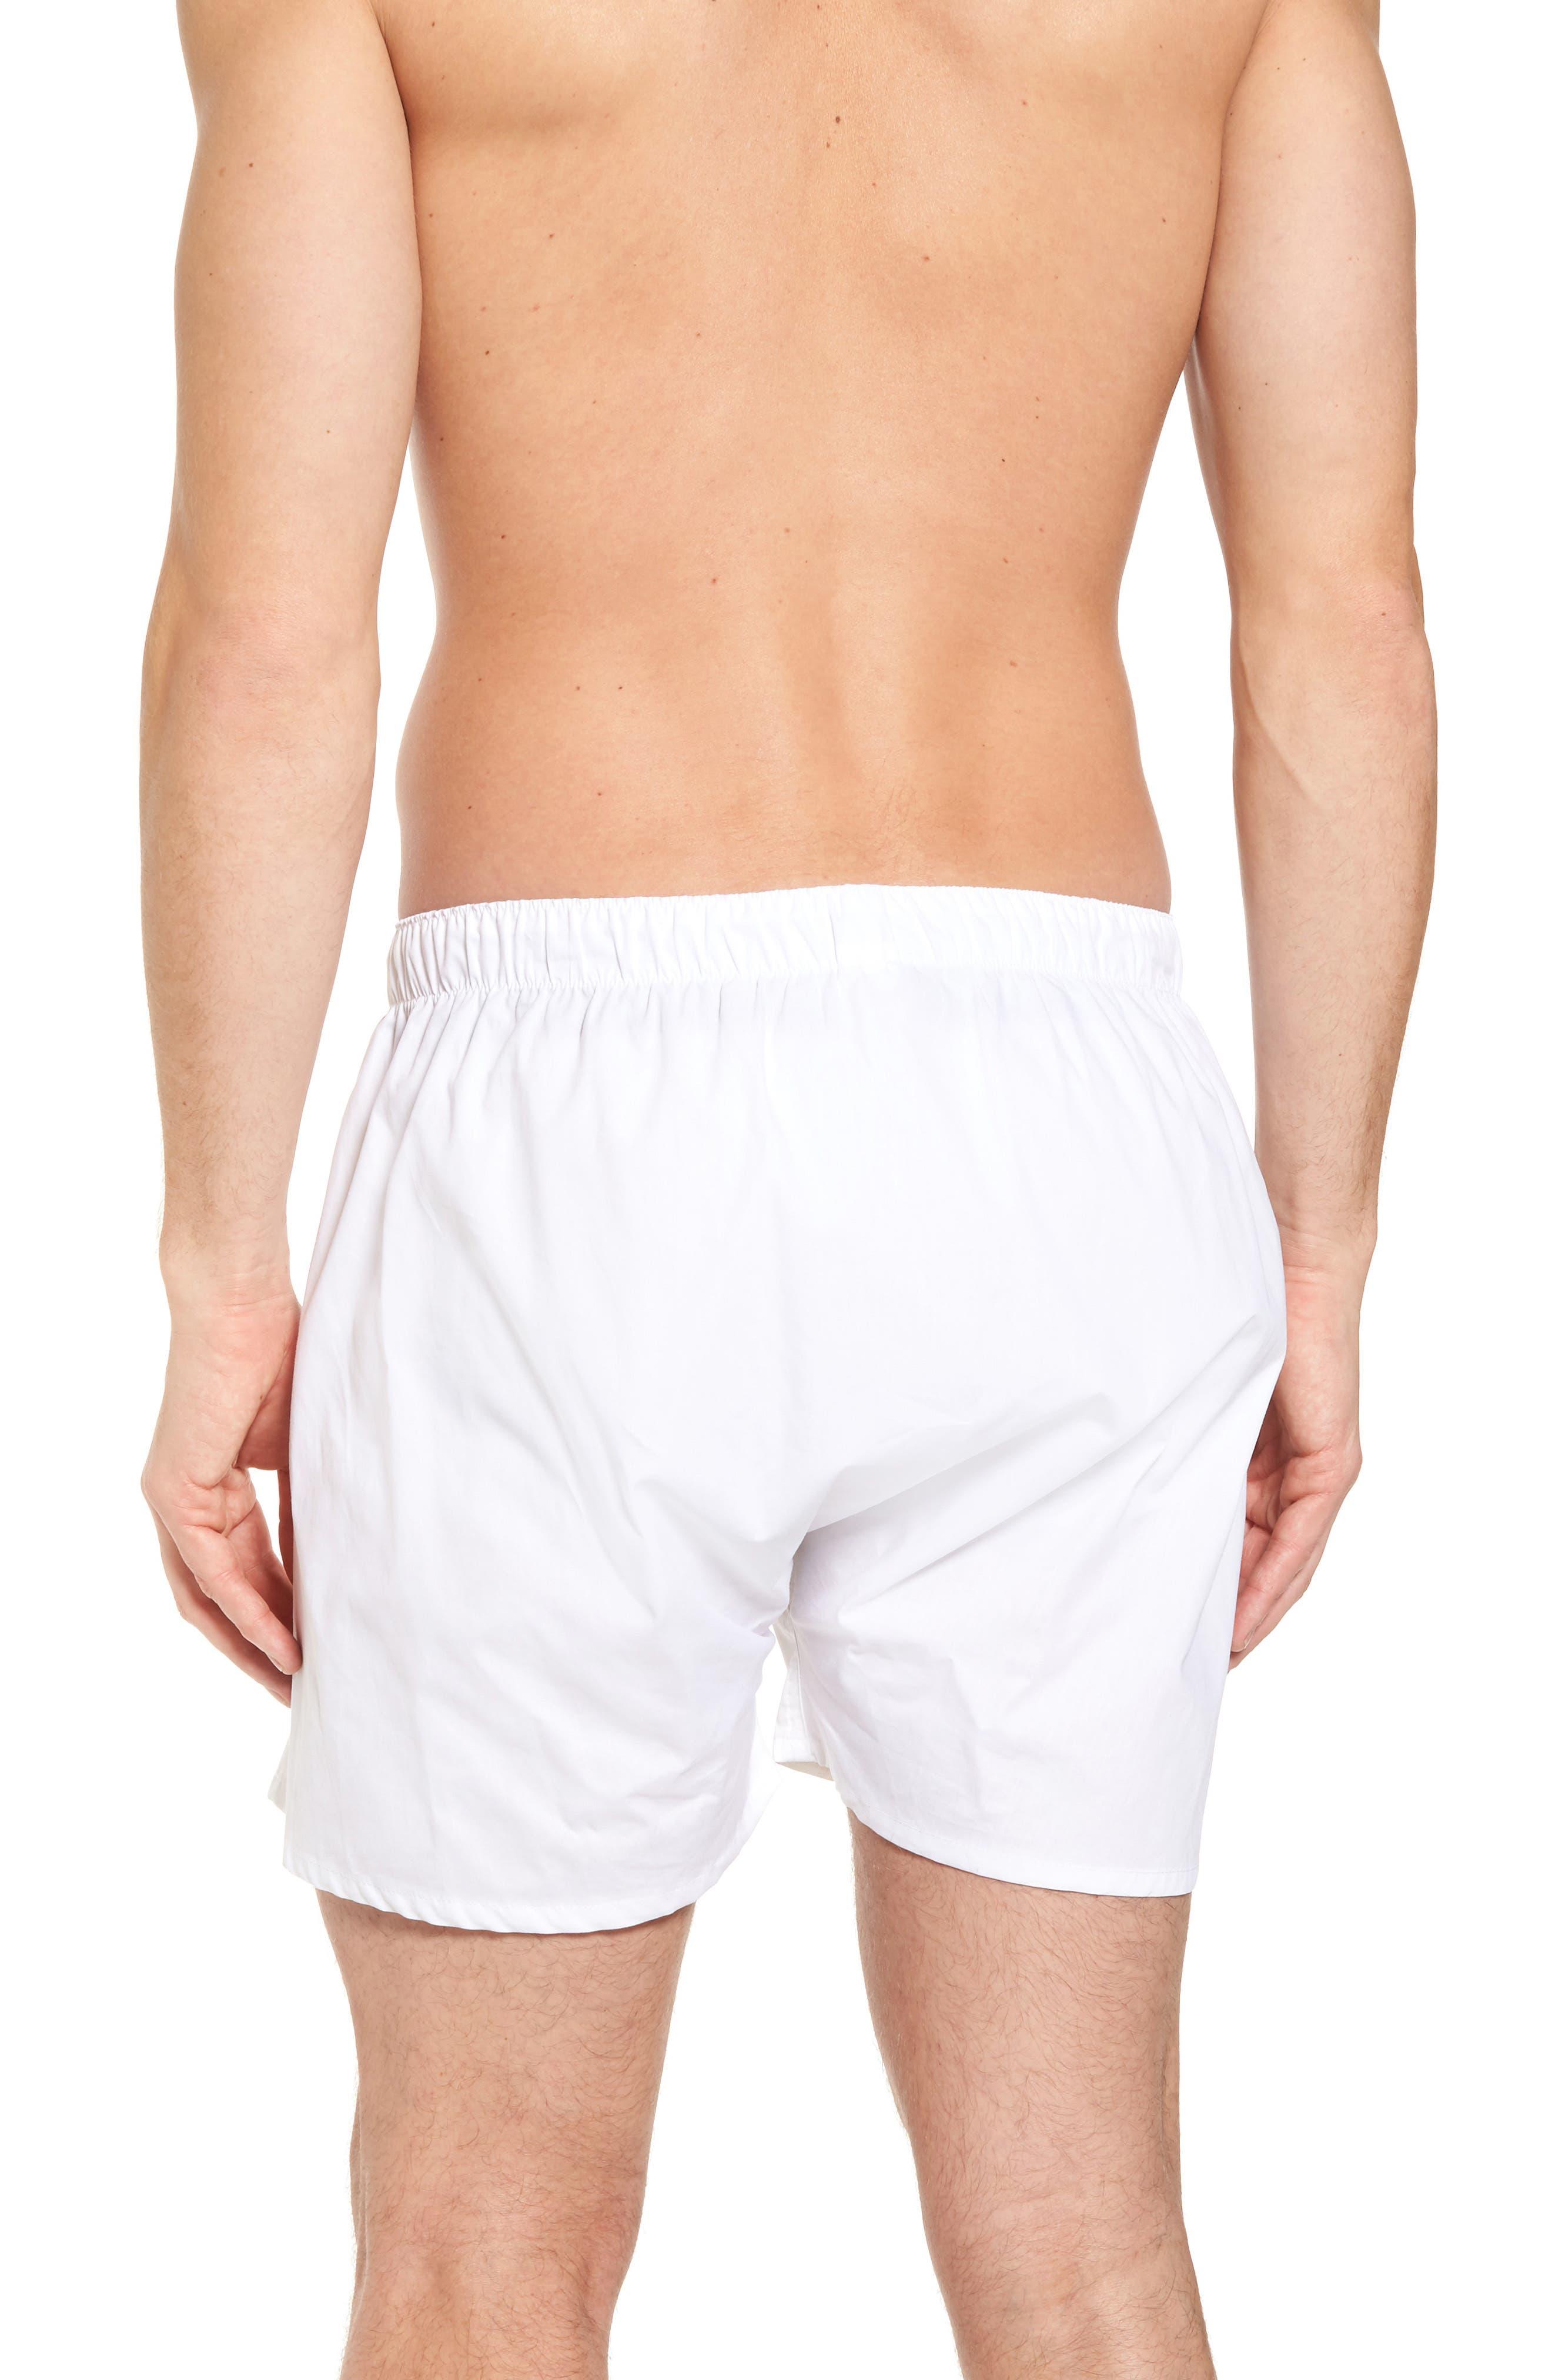 Majestic Boxer Shorts,                             Alternate thumbnail 2, color,                             WHITE